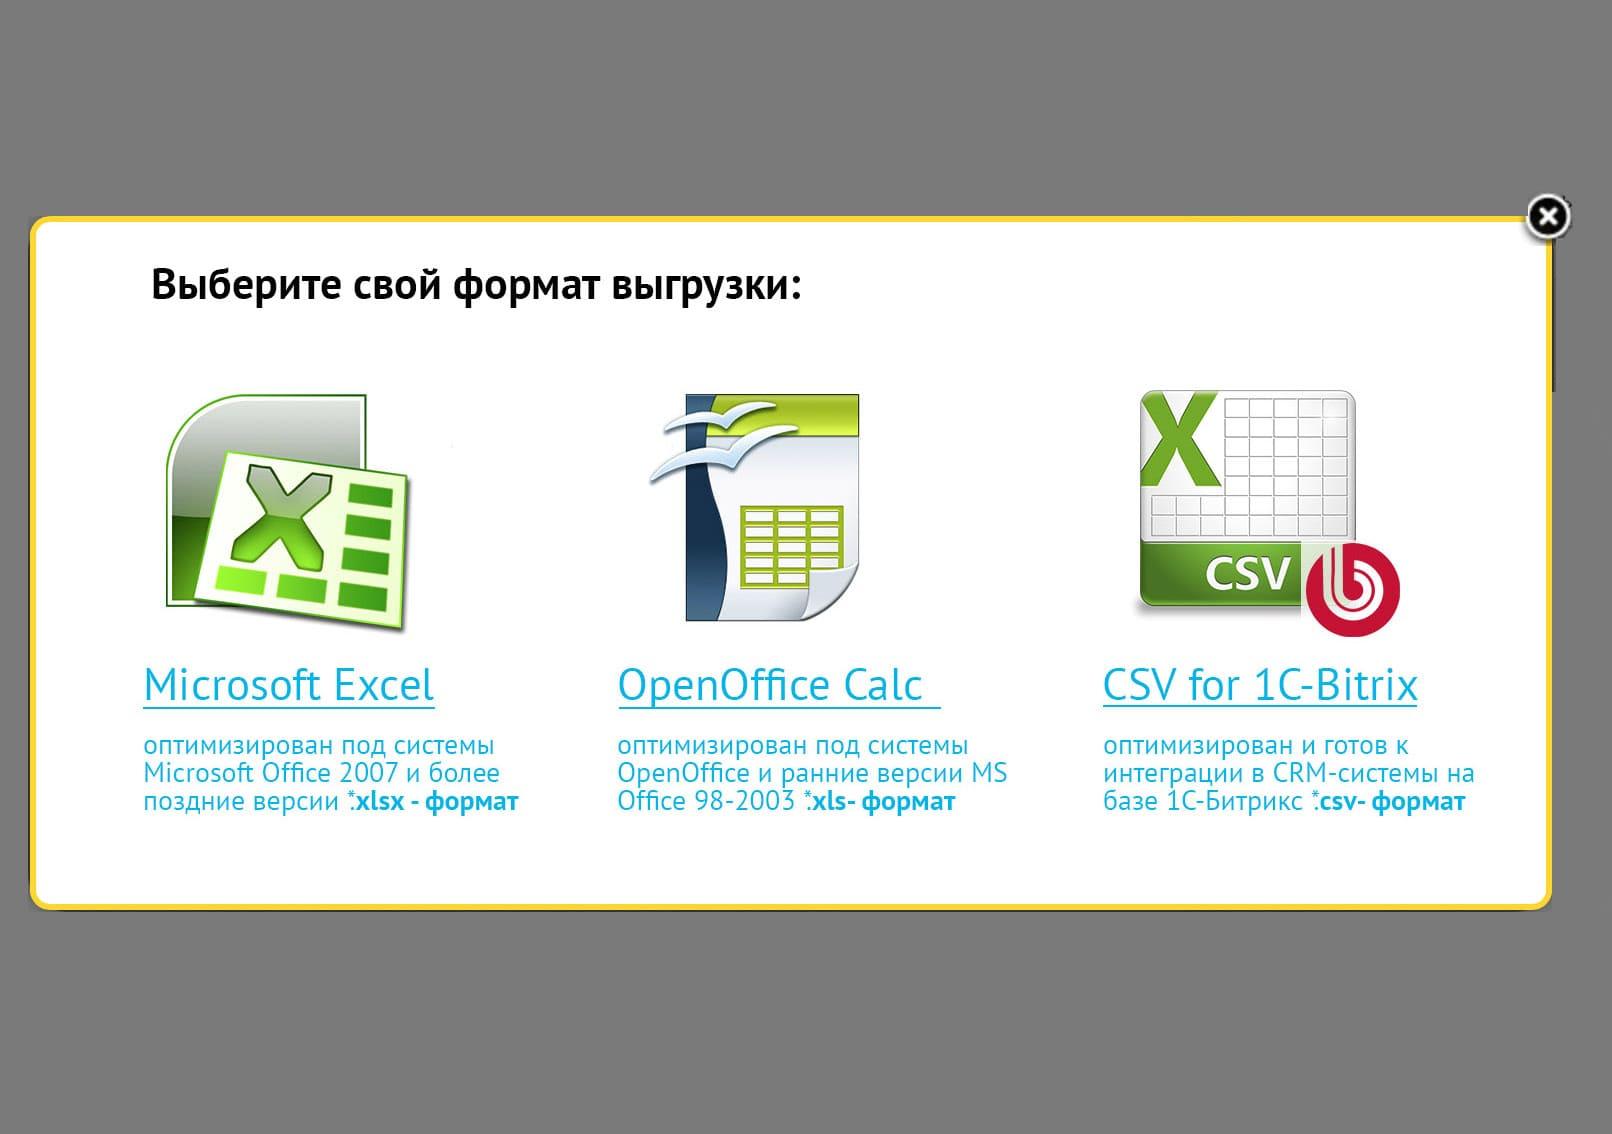 Расширение форматов выгрузки на ExportBase - Битрикс и CSV форматы